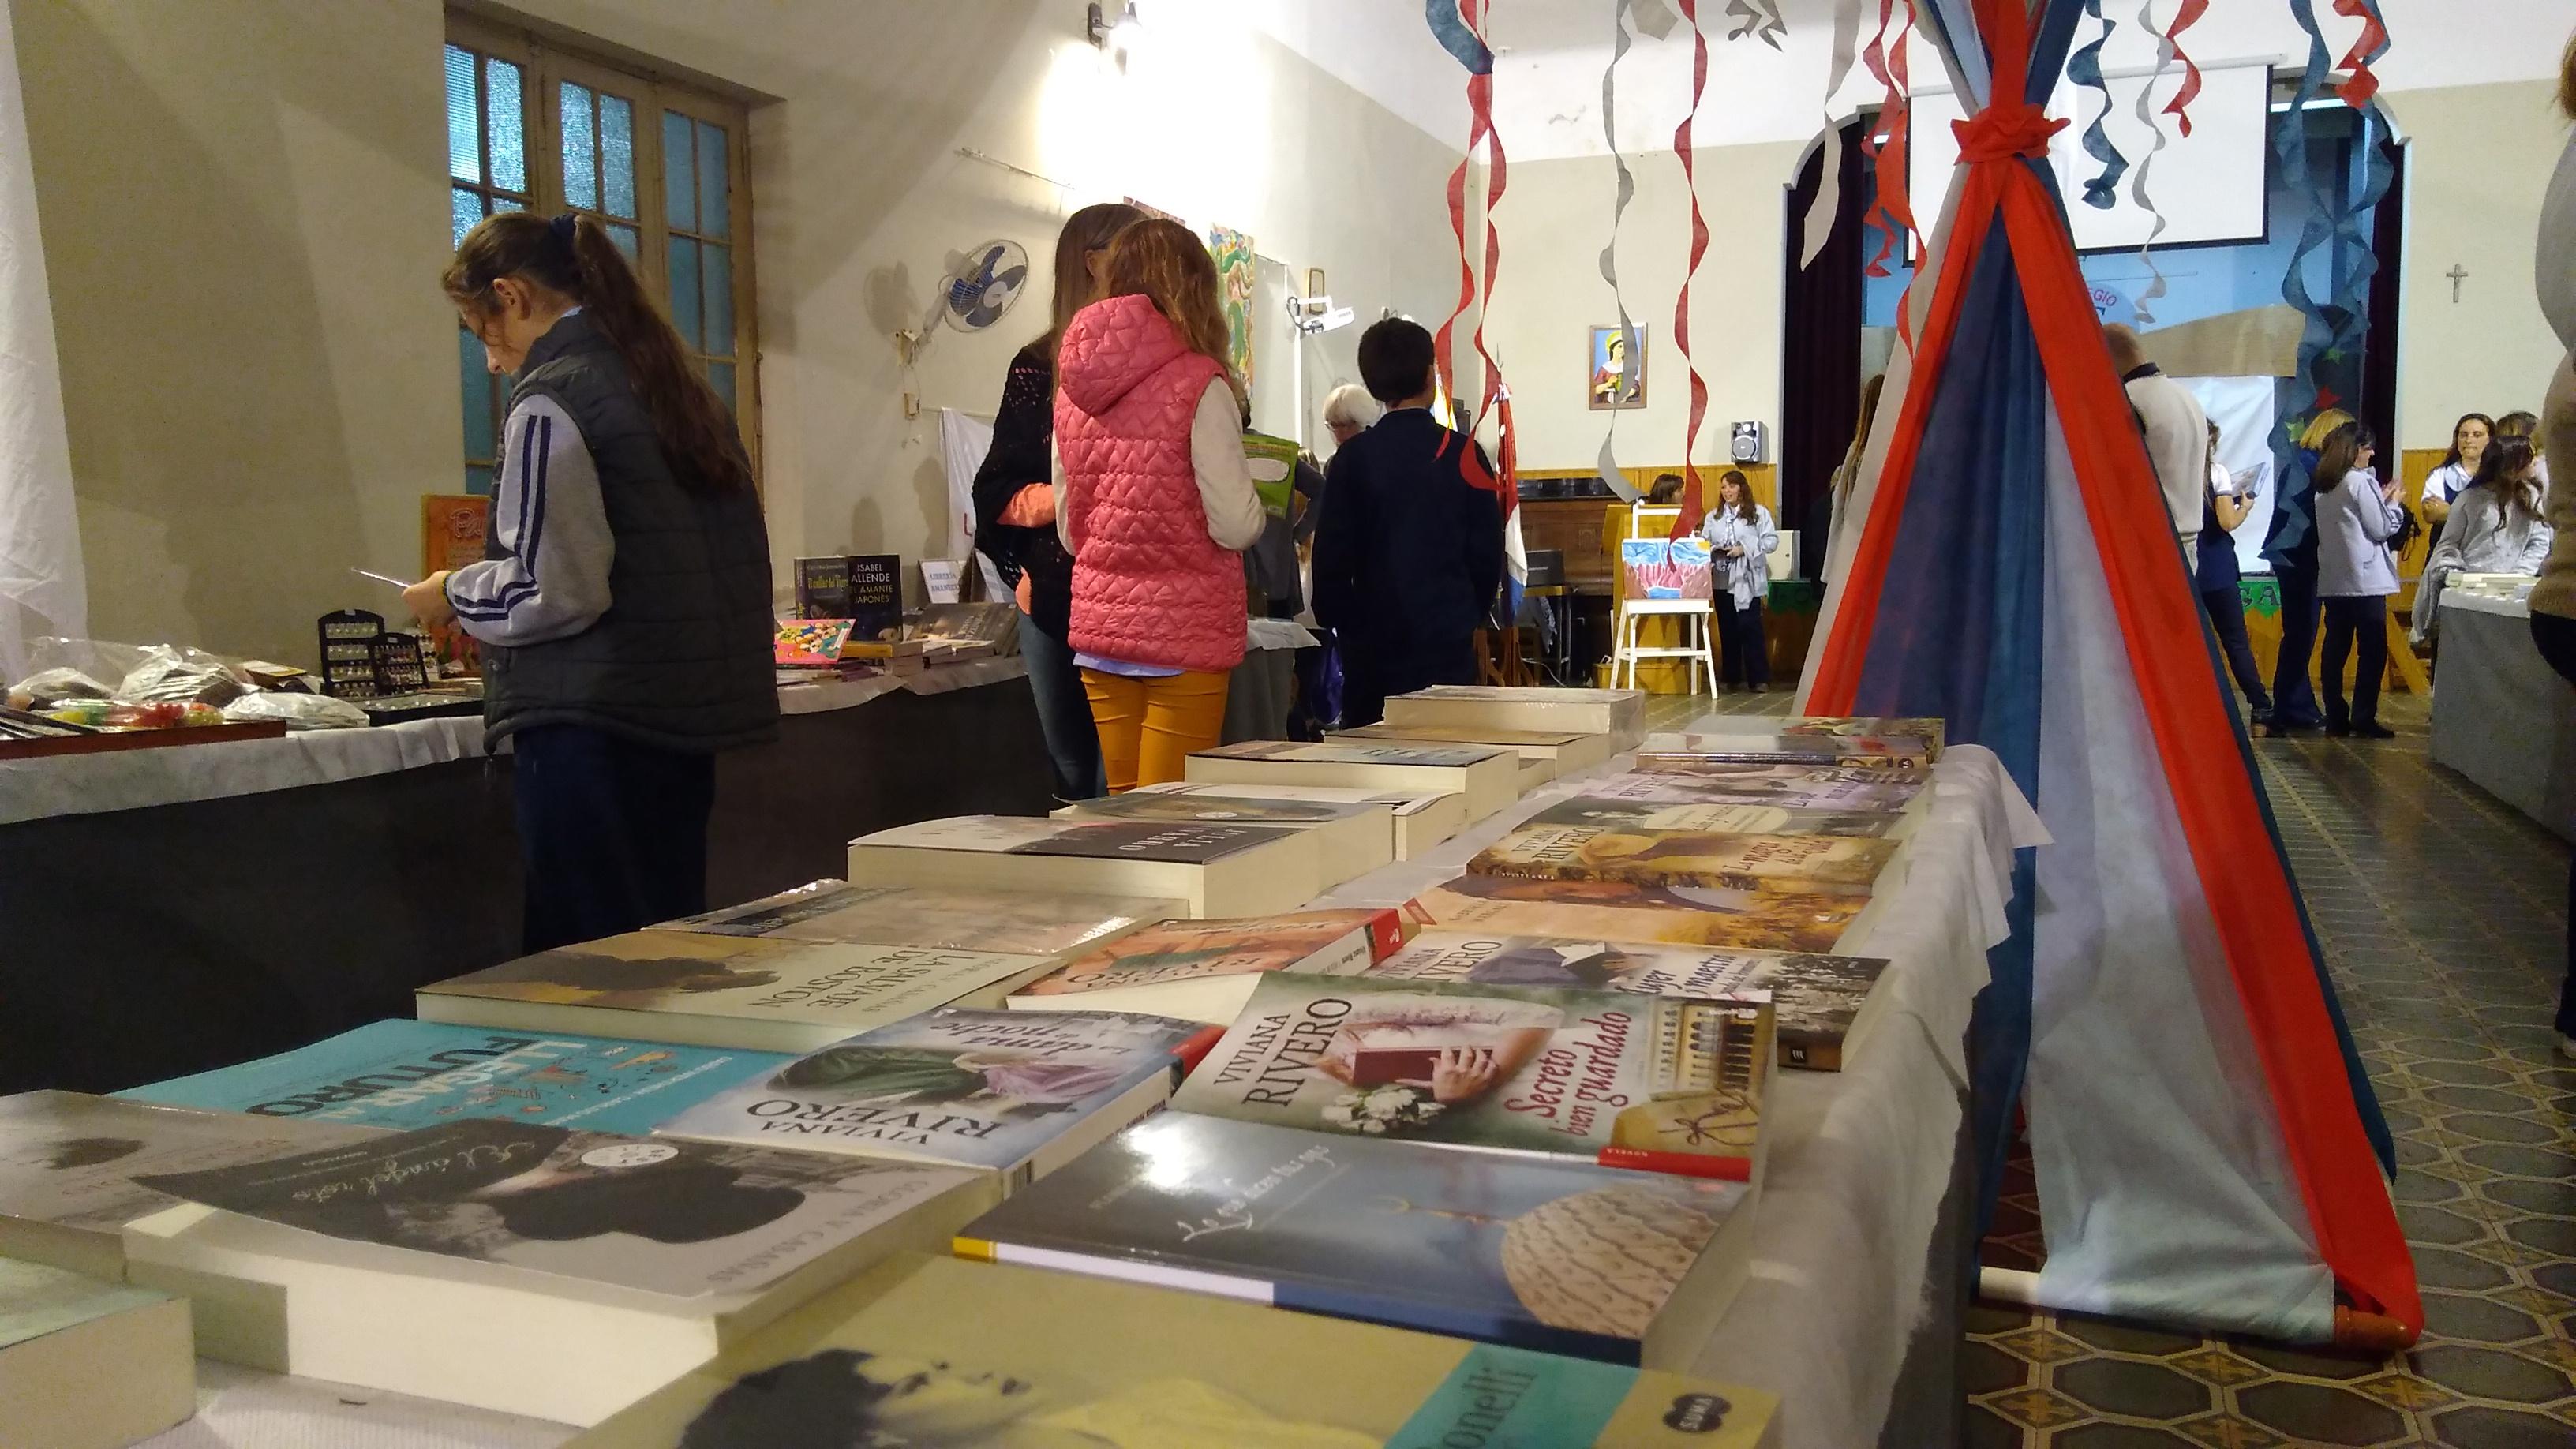 Dio inicio la Feria del libro en el Colegio Santa Marta.